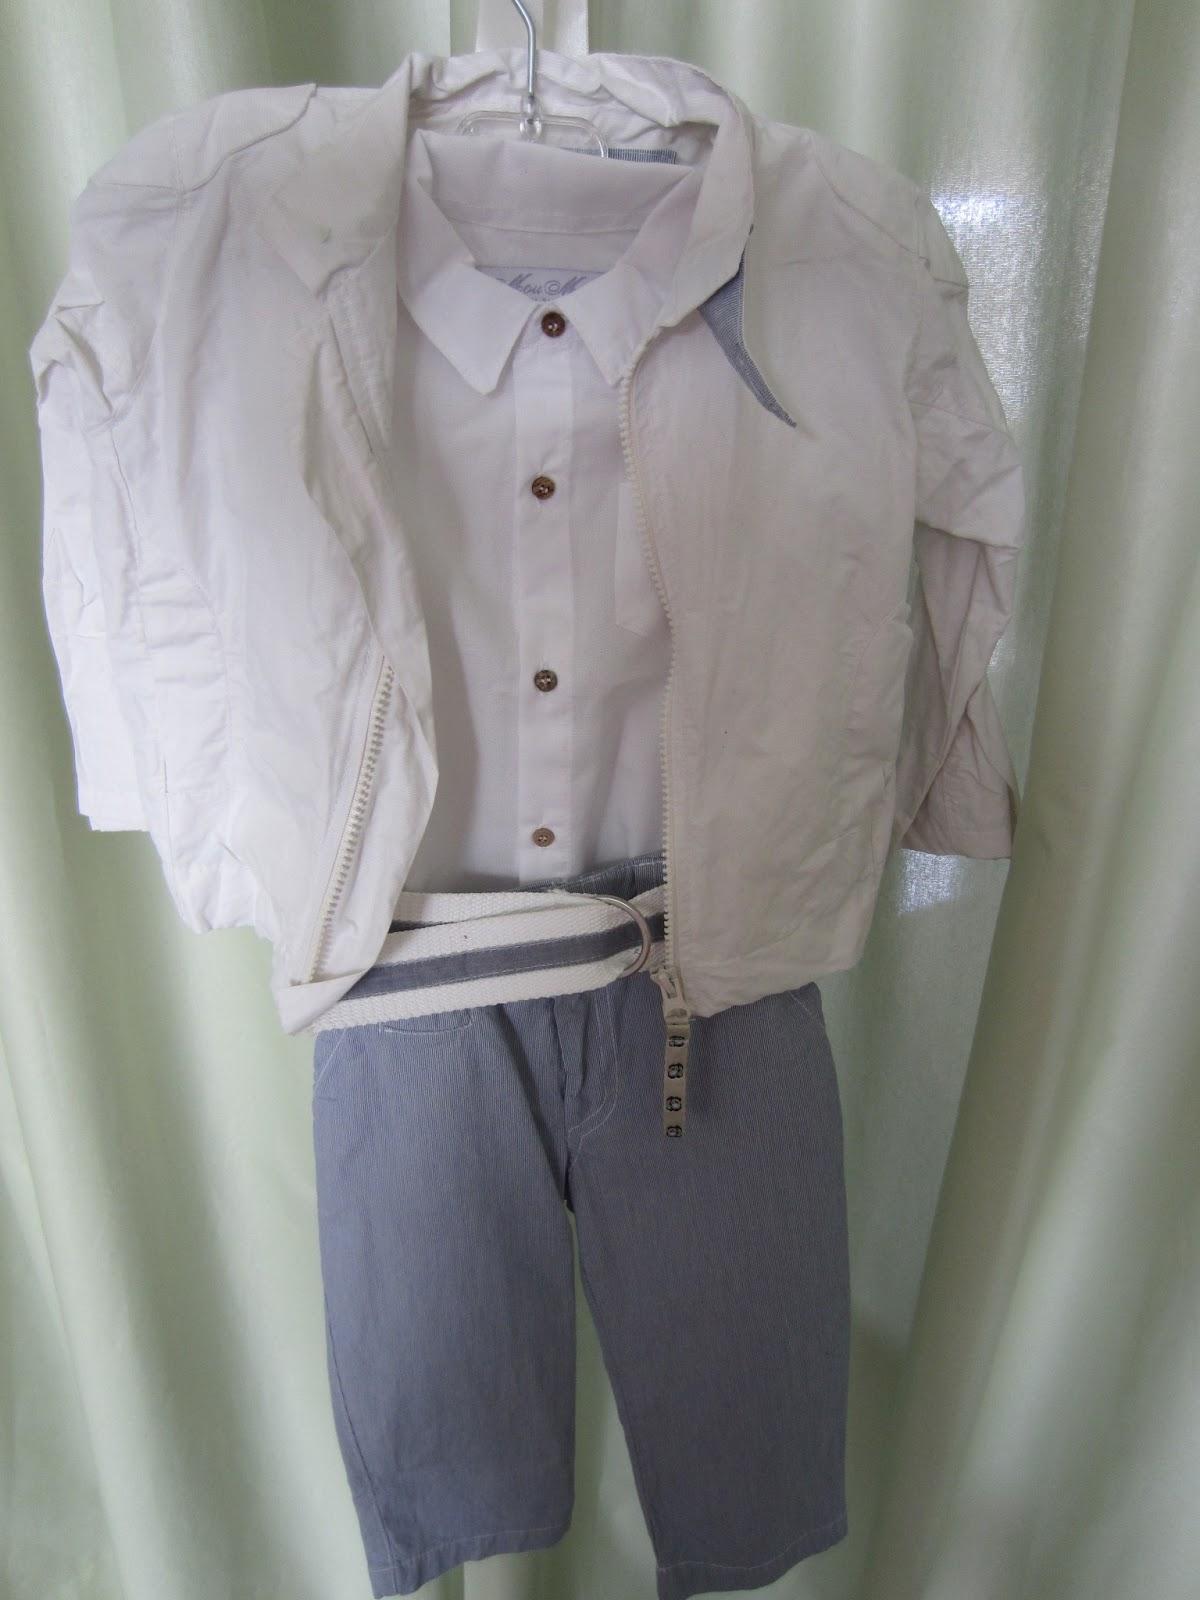 4993907ad64 Παντελόνι, πουκάμισο, ζώνη, σακάκι και καπέλο. Νο 1. Τιμή: 60 ευρώ.